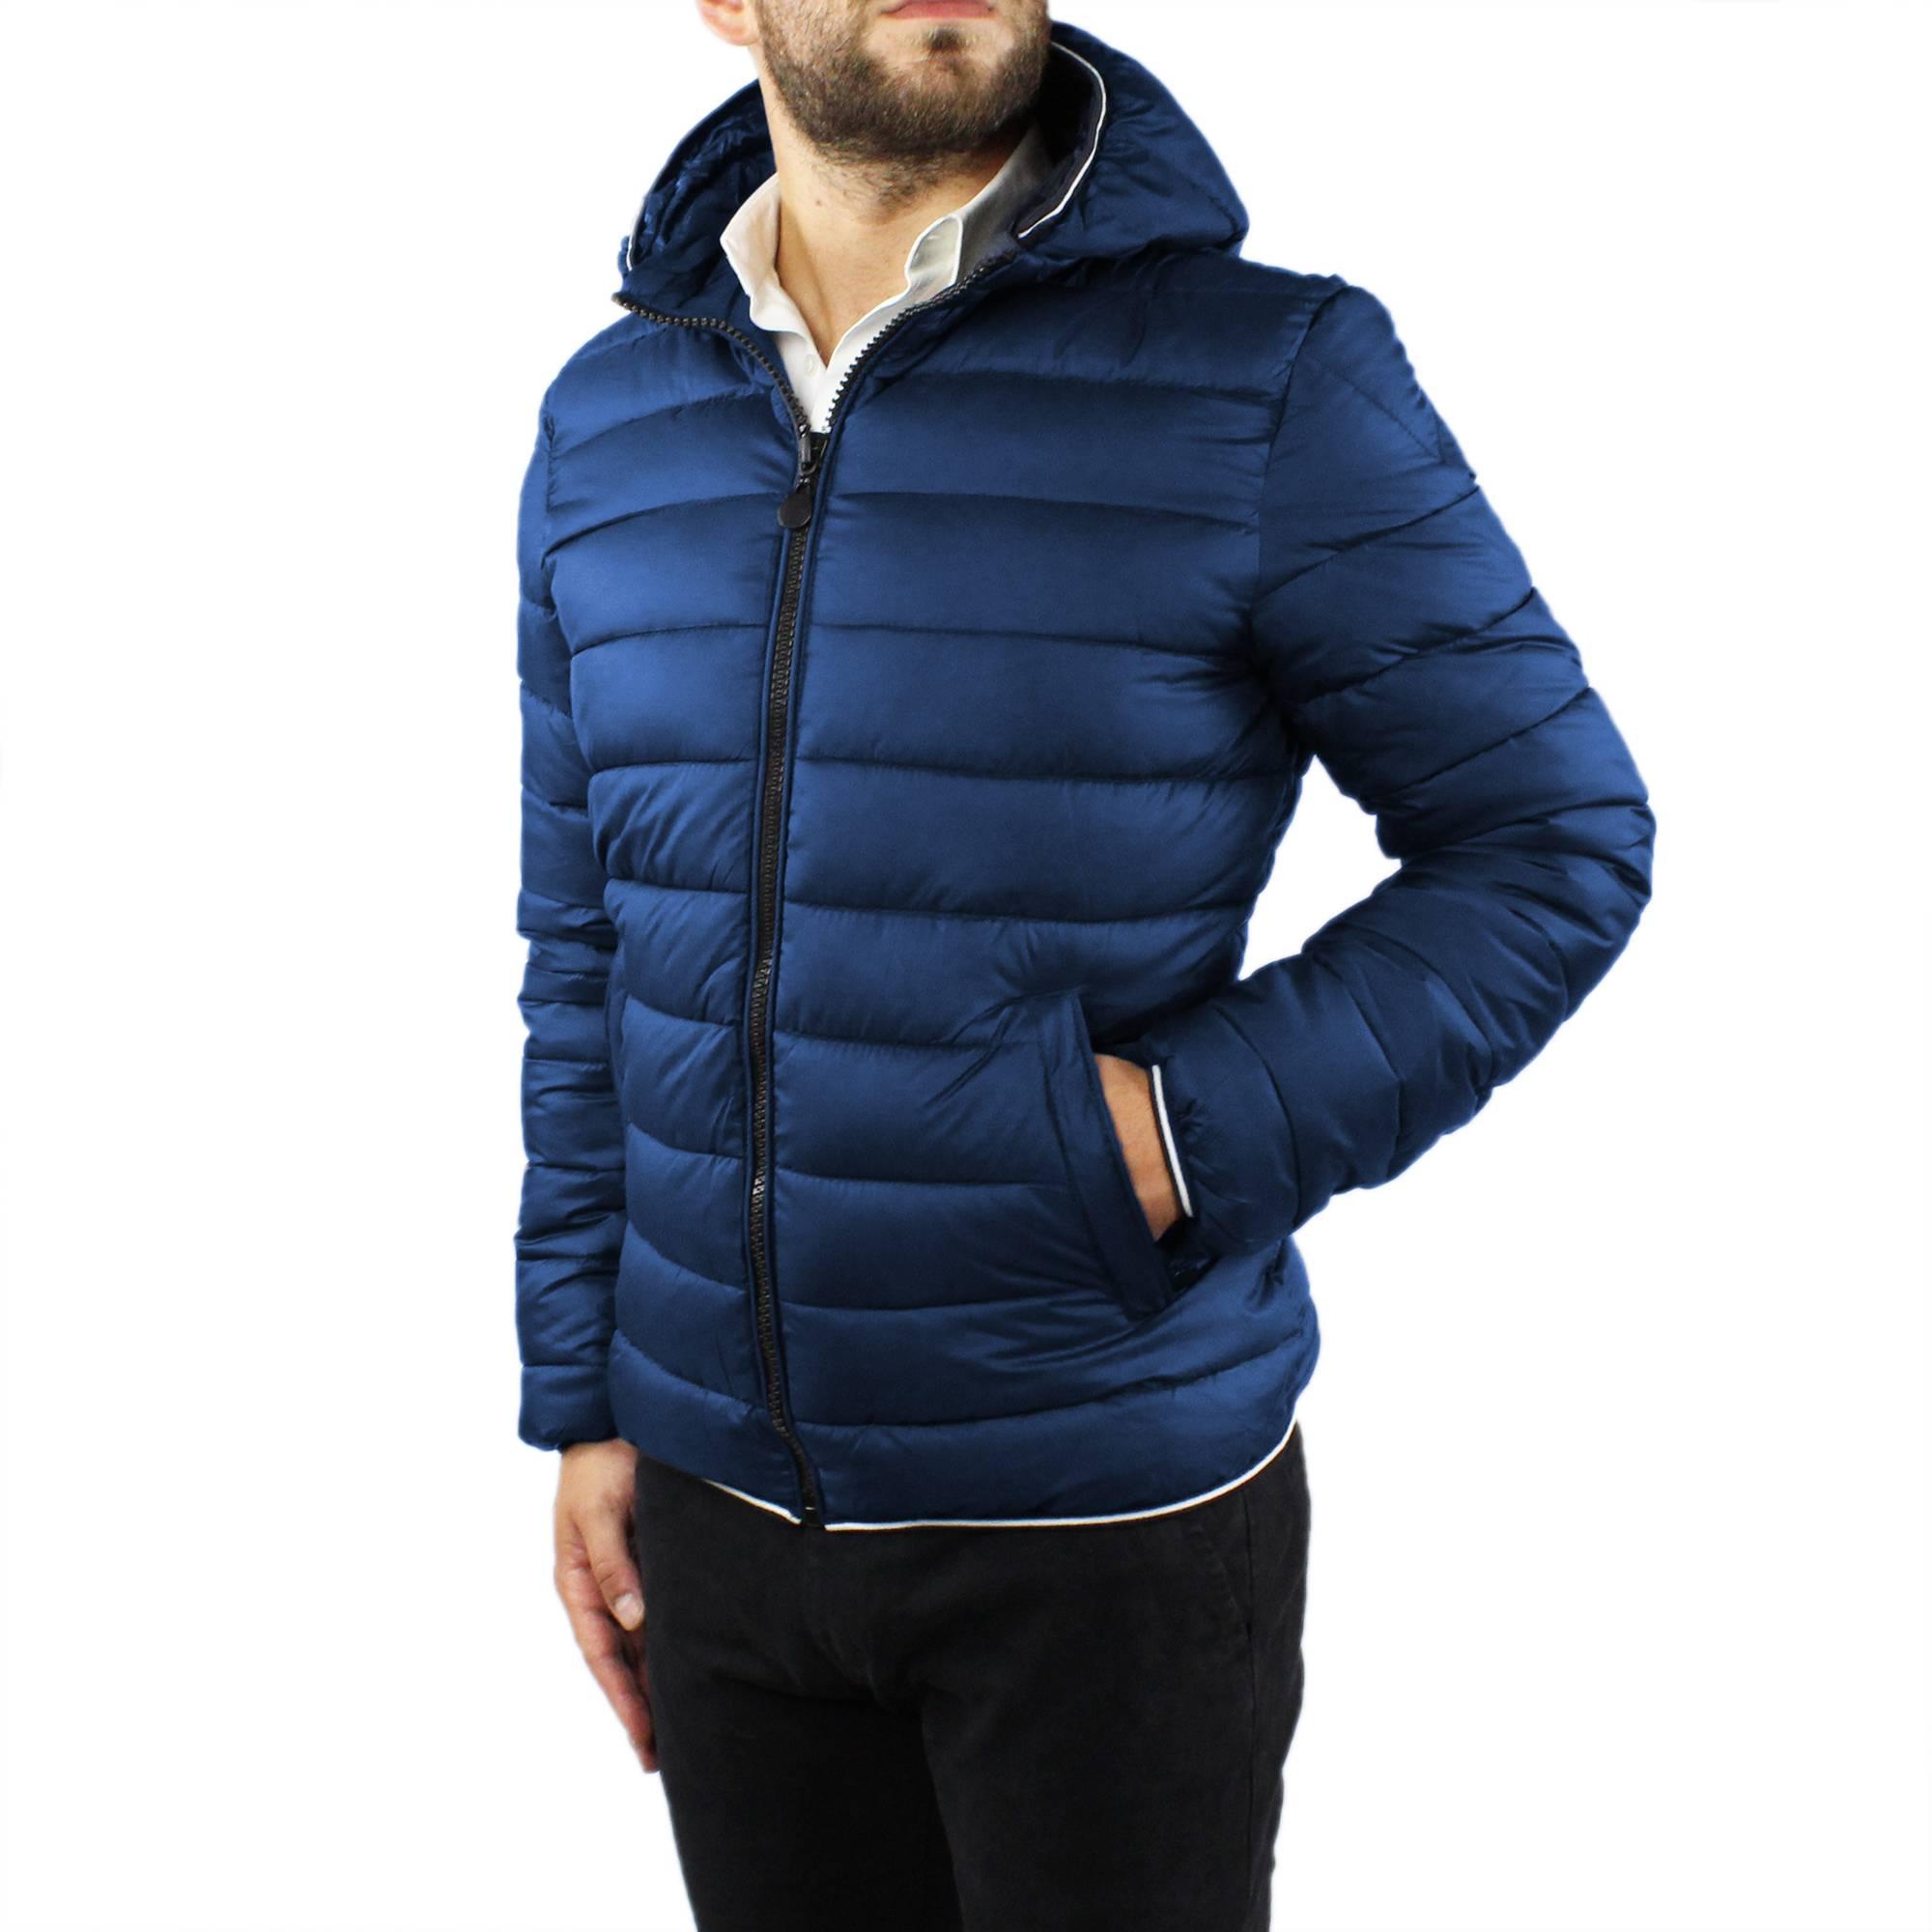 Giubbotto-Uomo-Invernale-Slim-Fit-Giubbino-Piumino-Con-Cappuccio-Blu-Nero-Casual miniatura 12